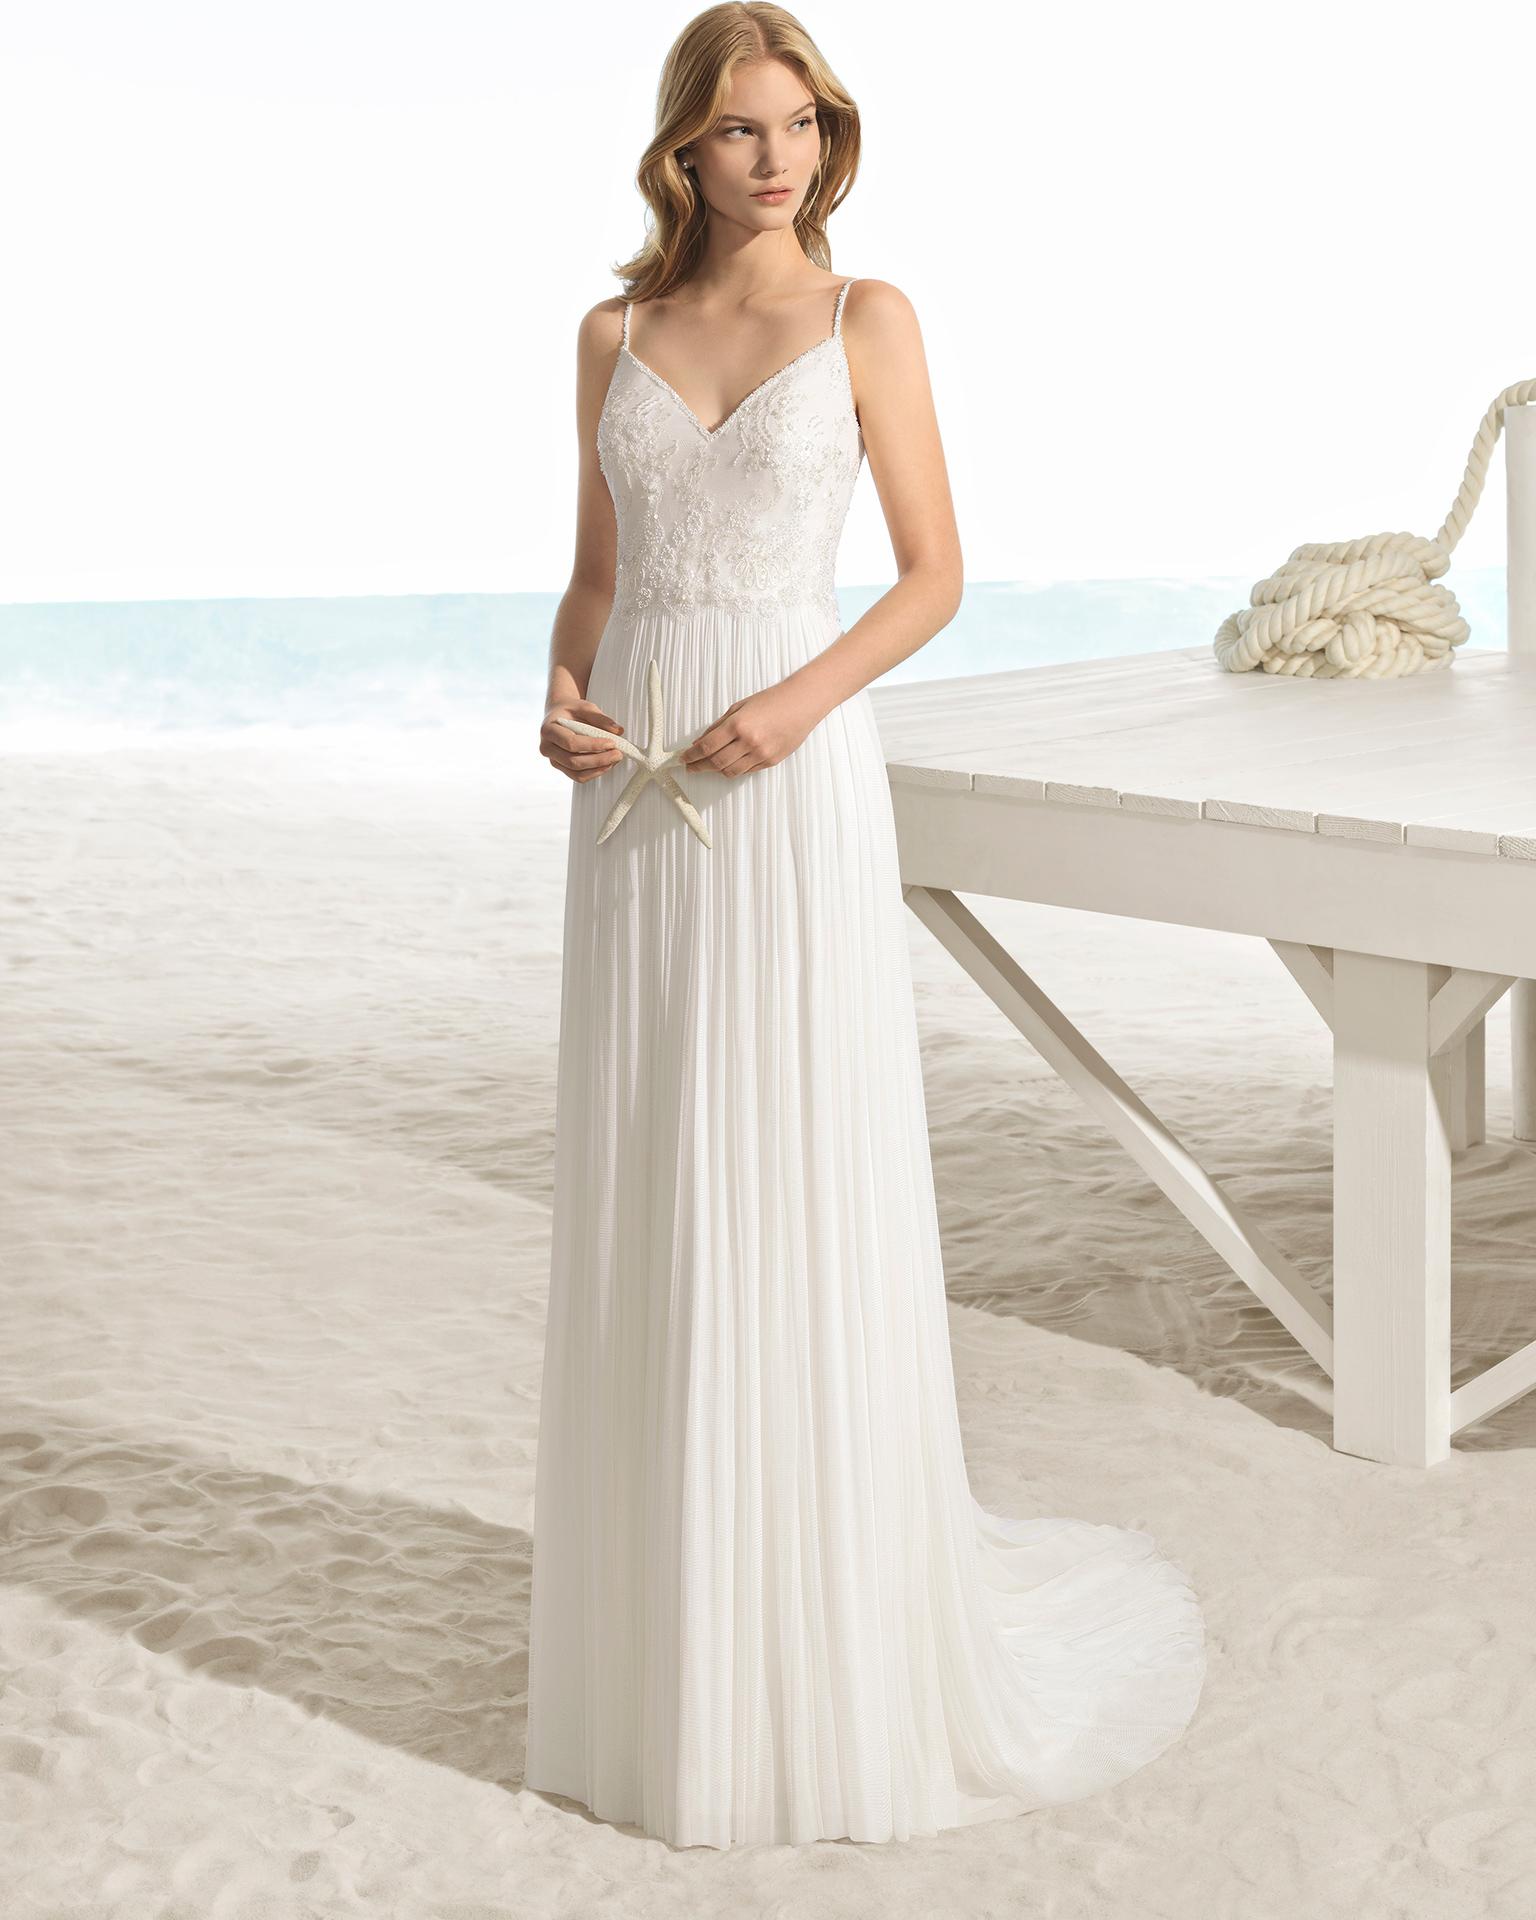 Rochie de mireasă în stil boho din dantelă, strasuri și muselină de mătase, cu decolteu și spatele în V.